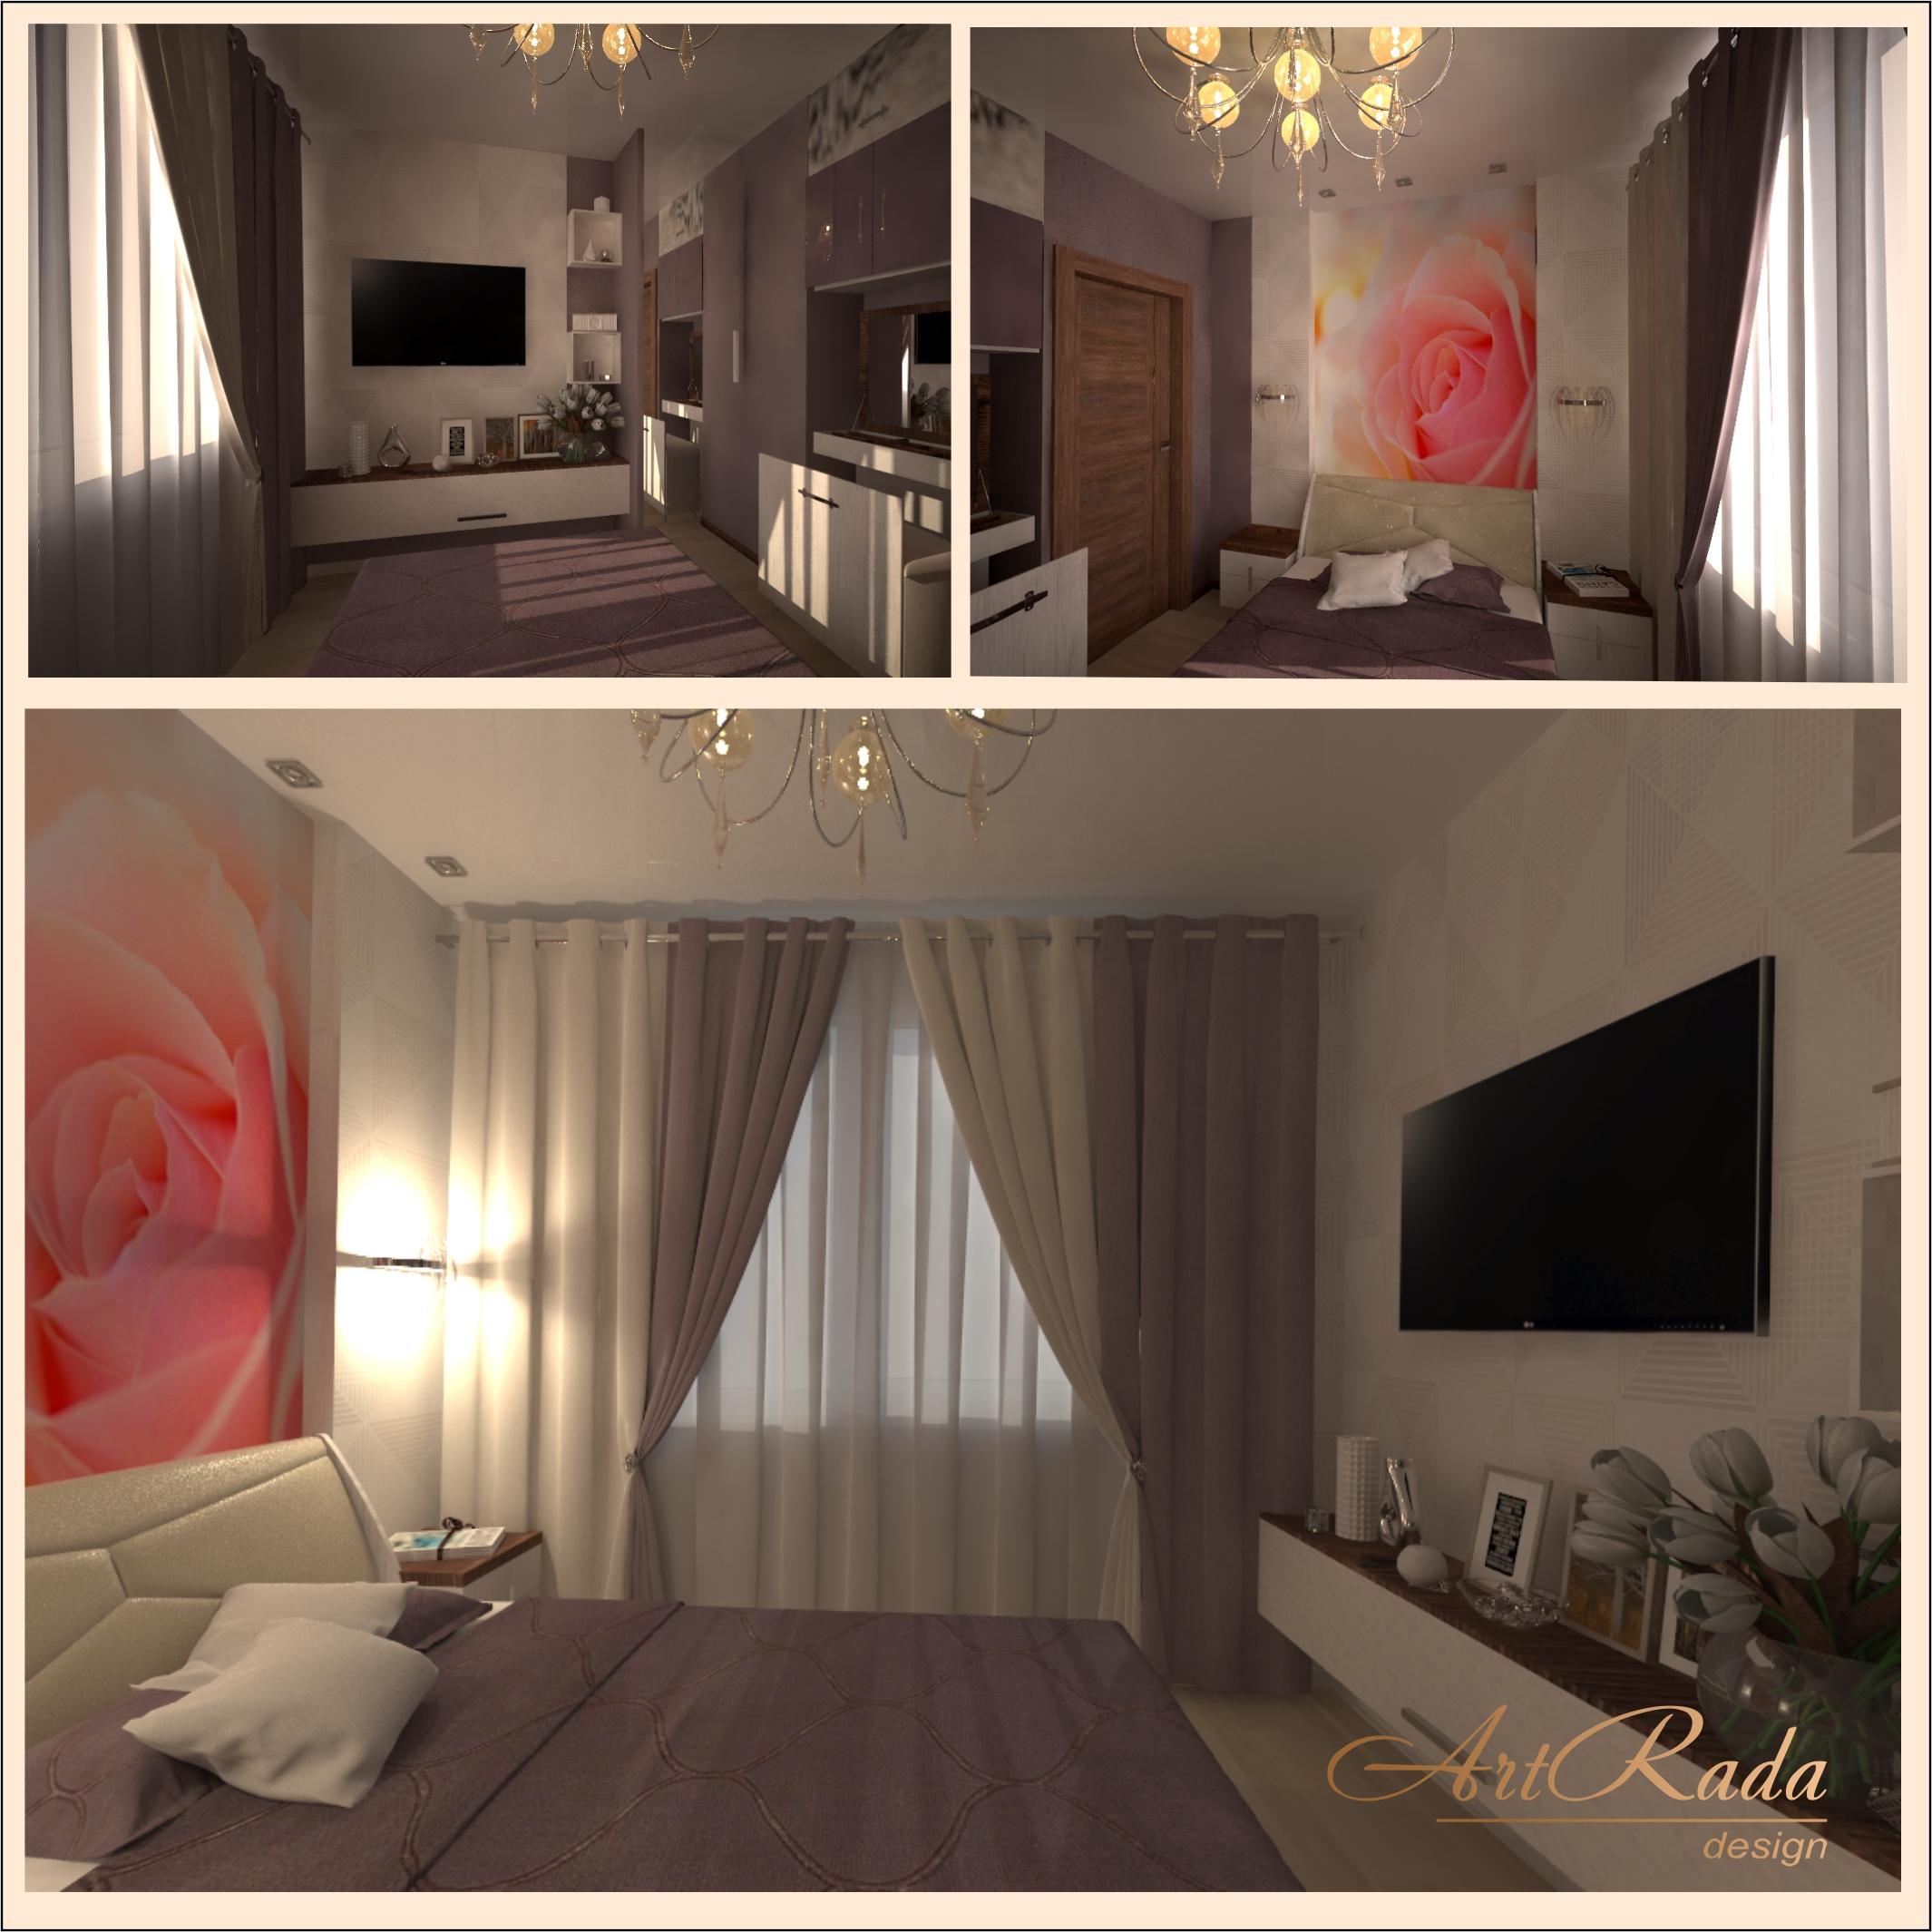 Дизайн спальной комнаты в романтическом стиле.